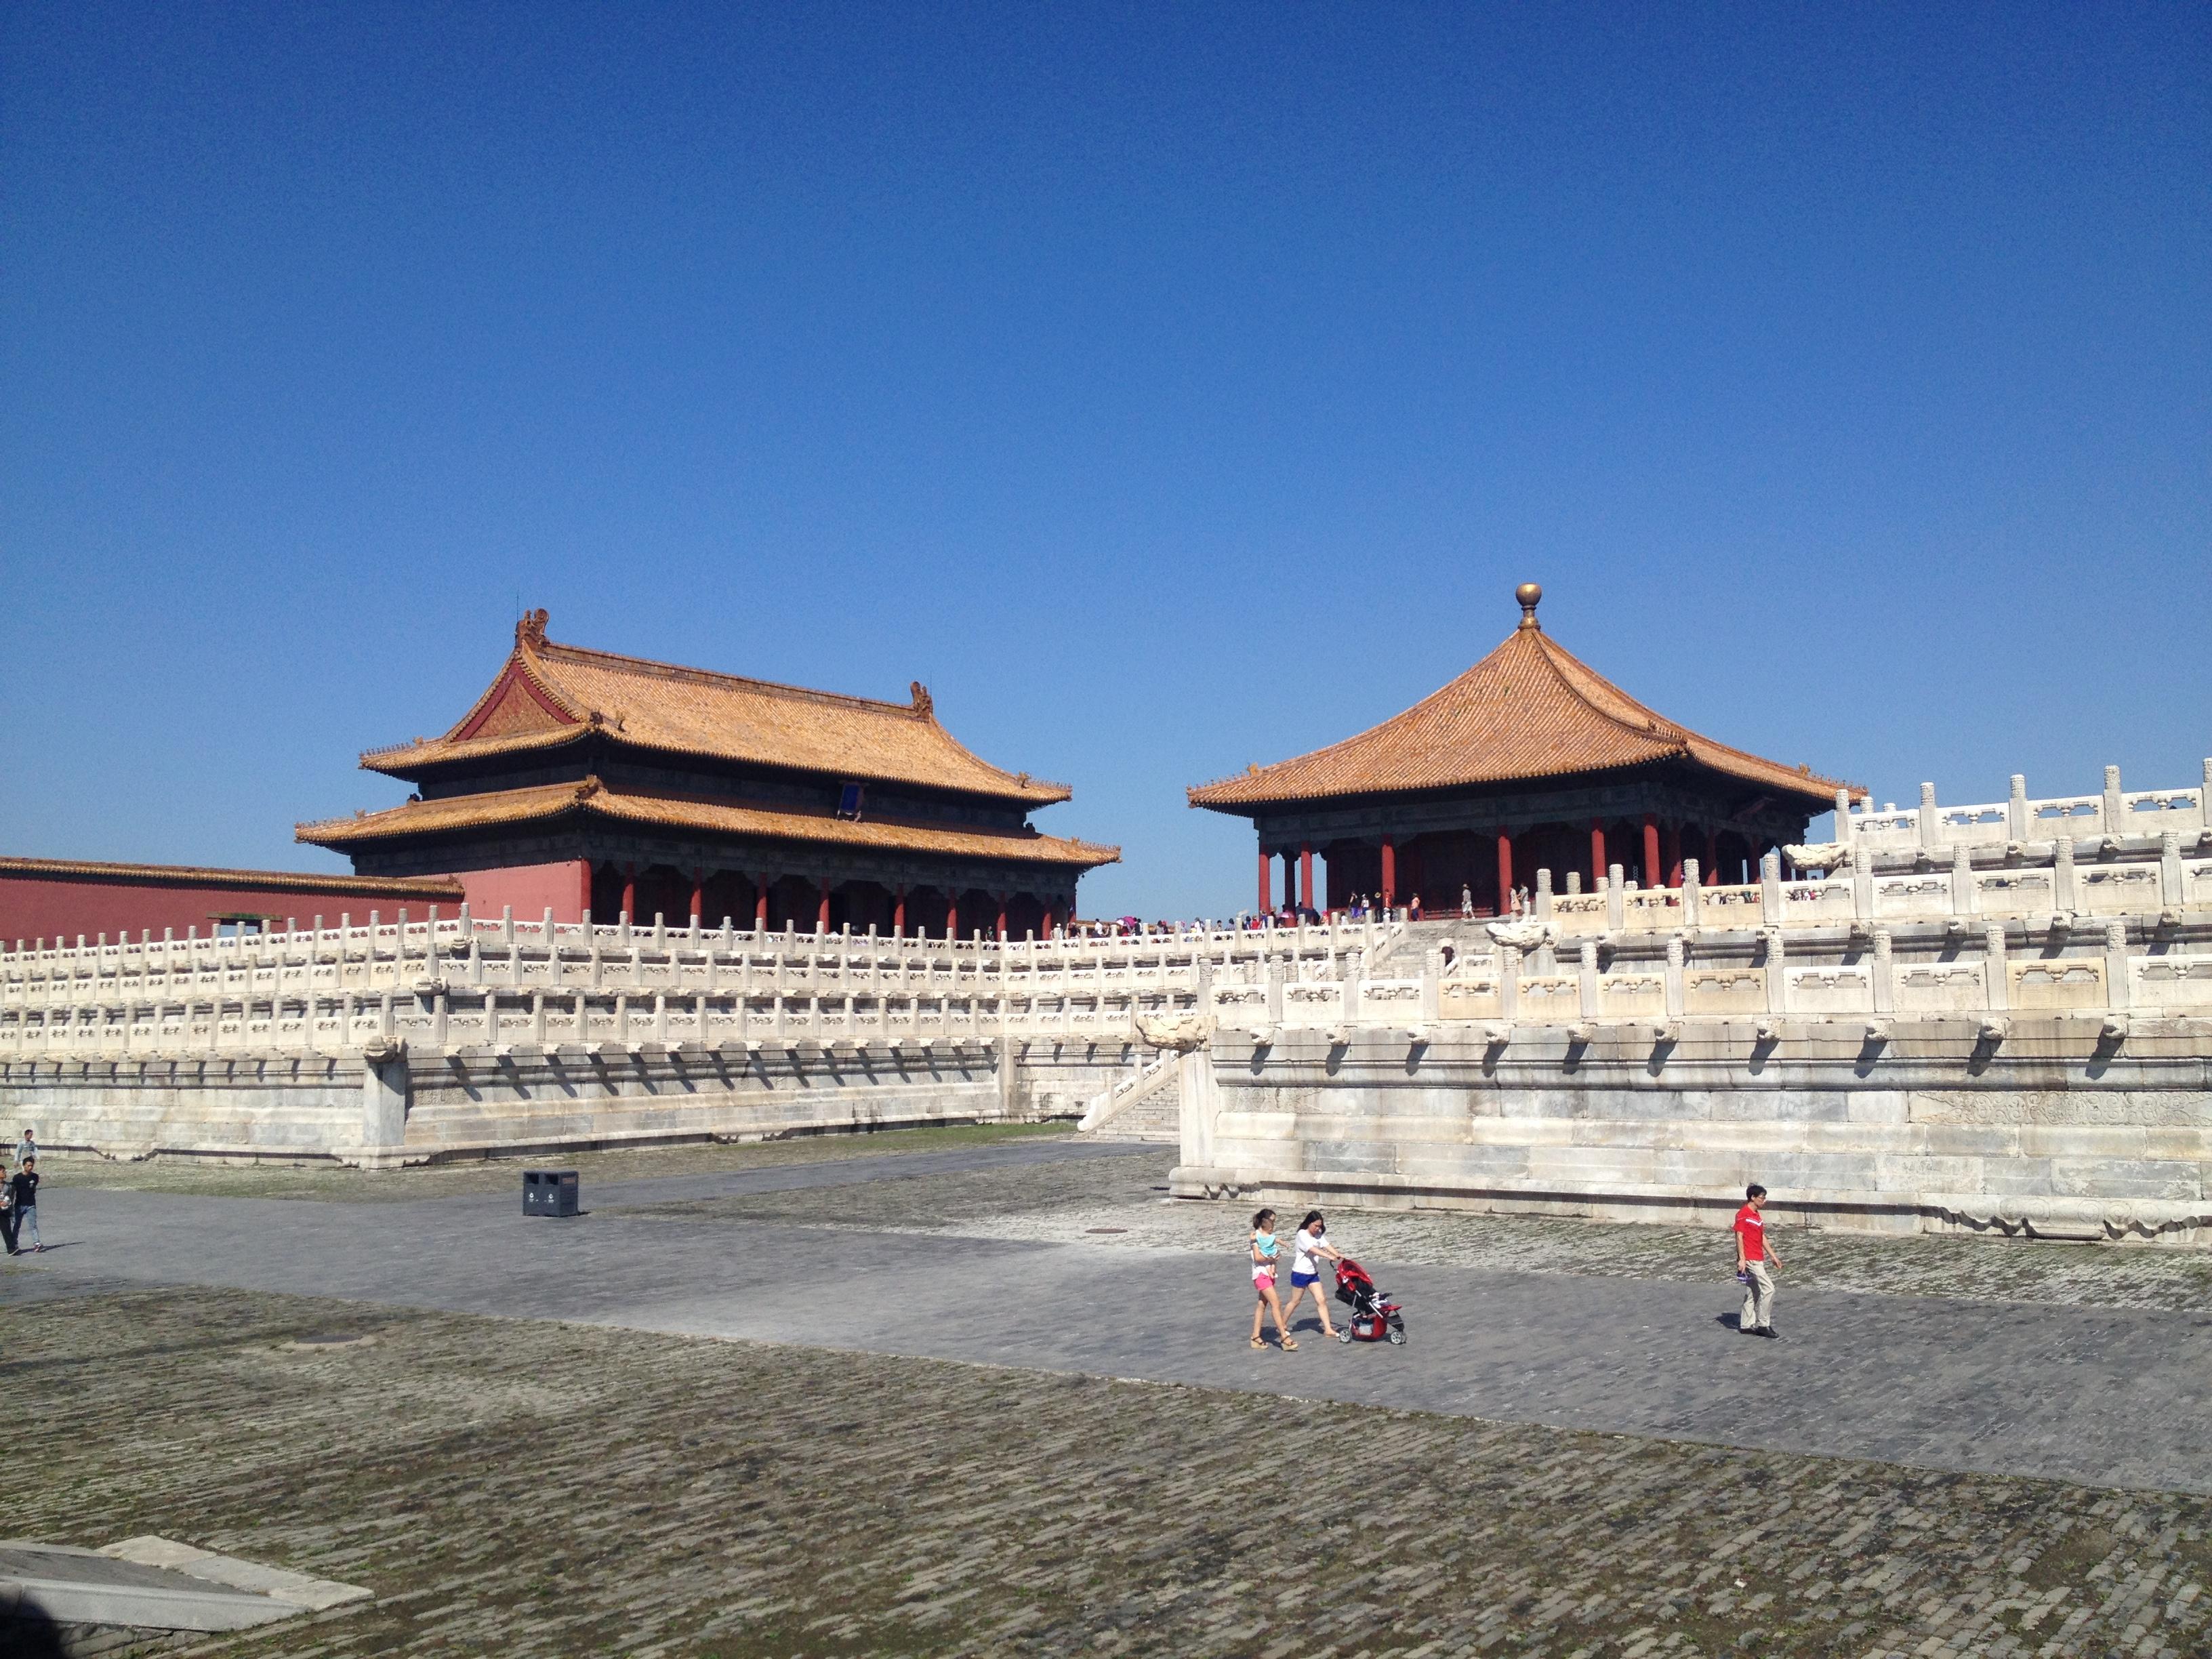 故宫,北京故宫攻略/地址/图片/门票【携程攻略】